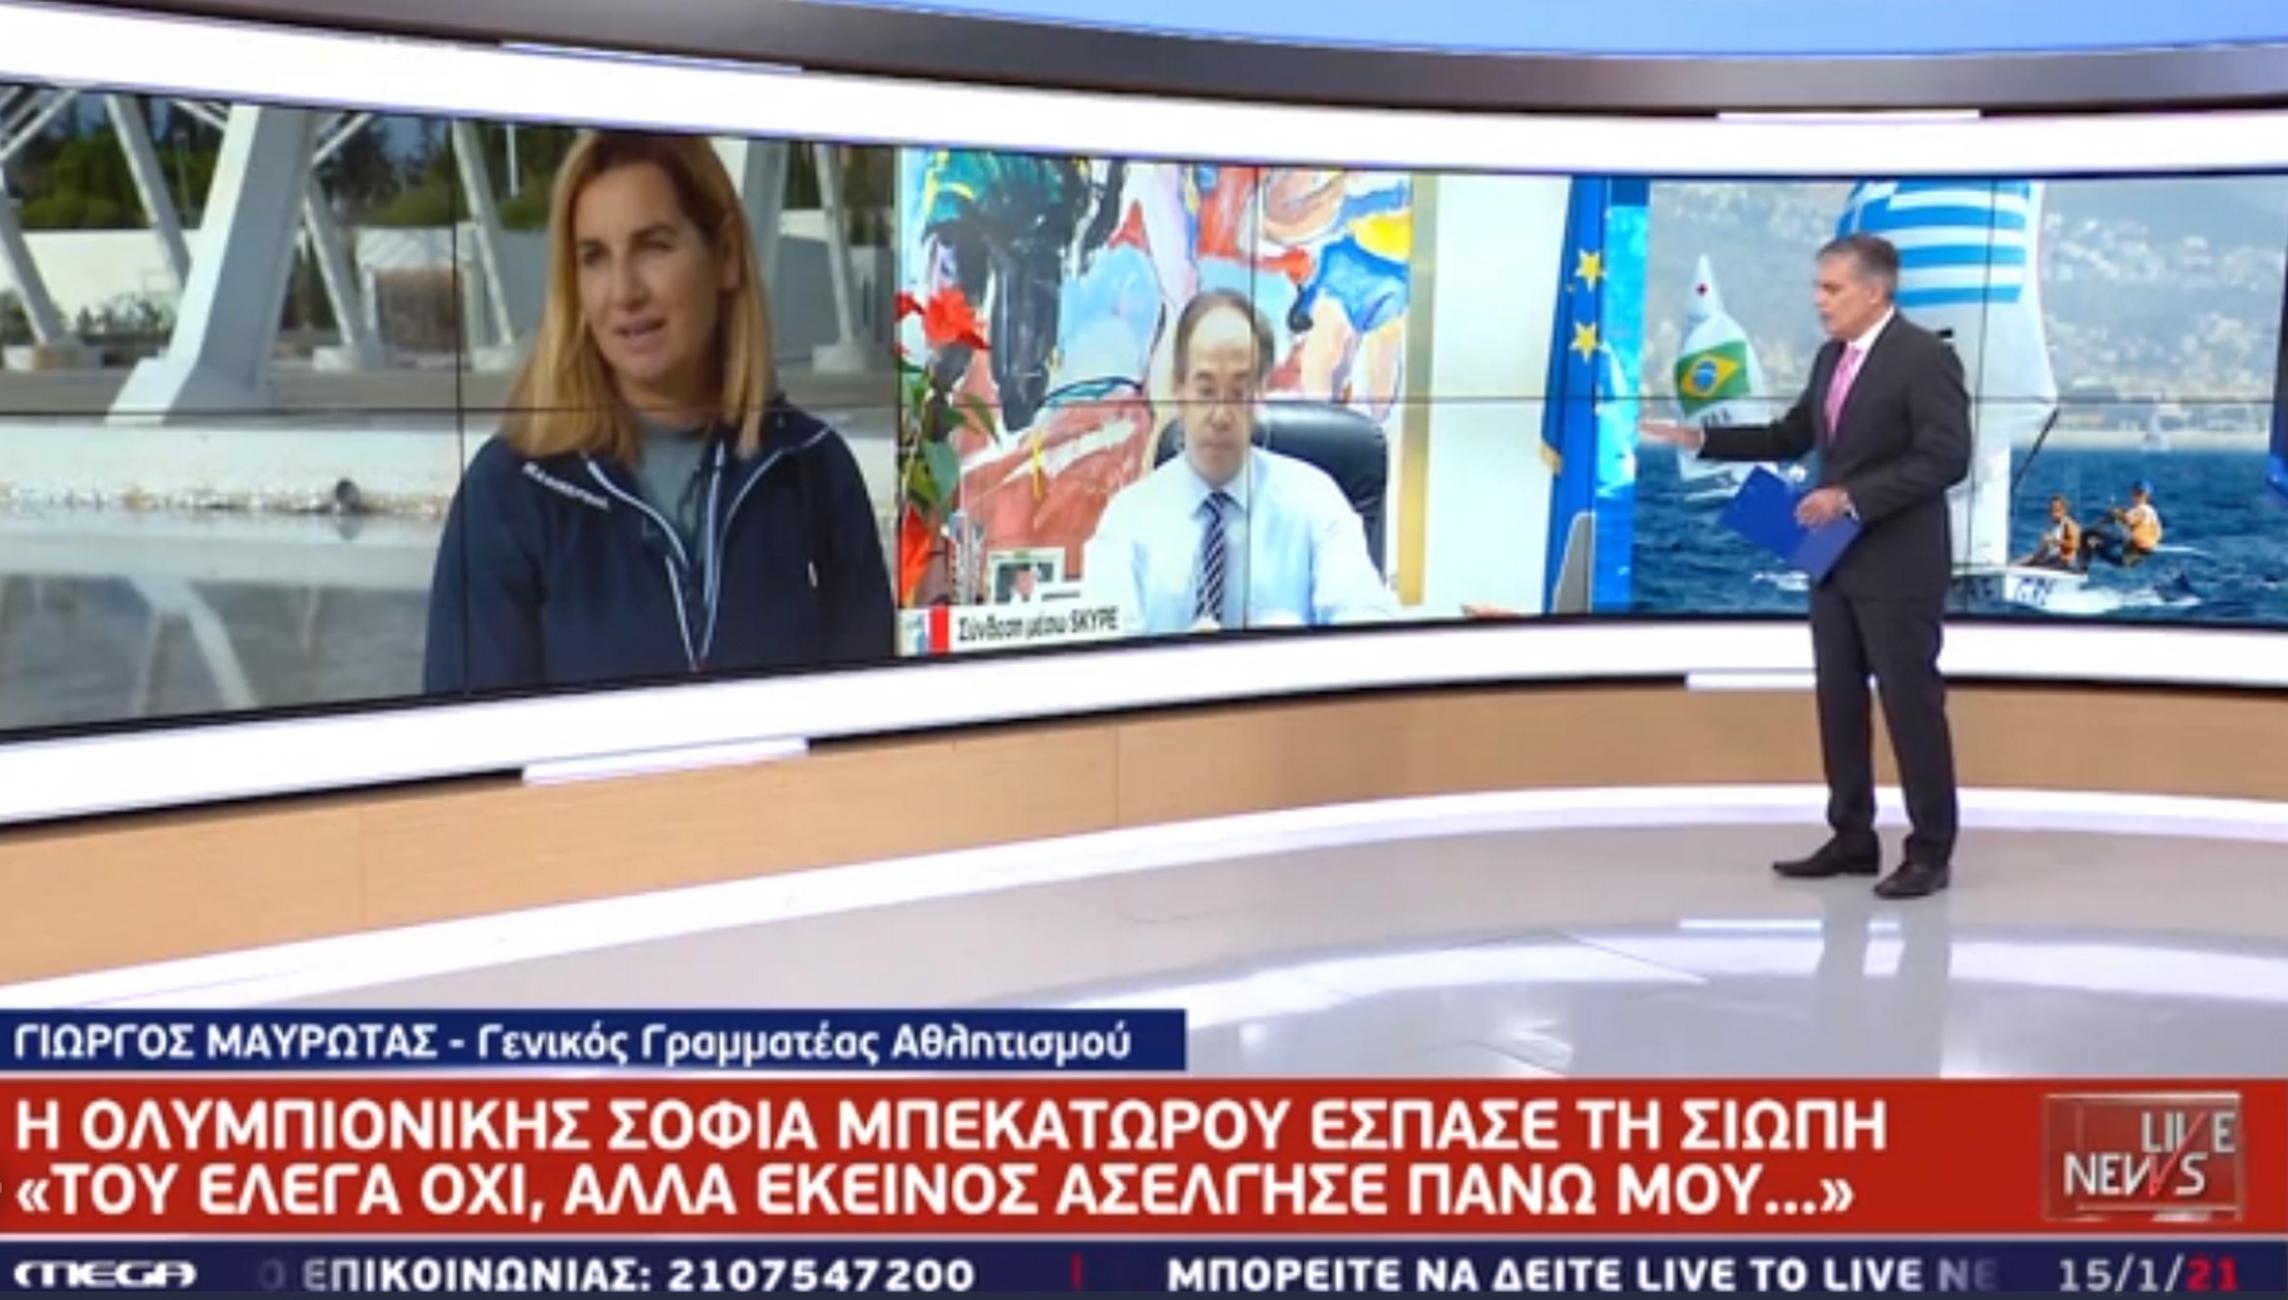 Μαυρωτάς για Σοφία Μπεκατώρου: «Λεκές για τον ελληνικό αθλητισμό η κακοποίησή της» (video)